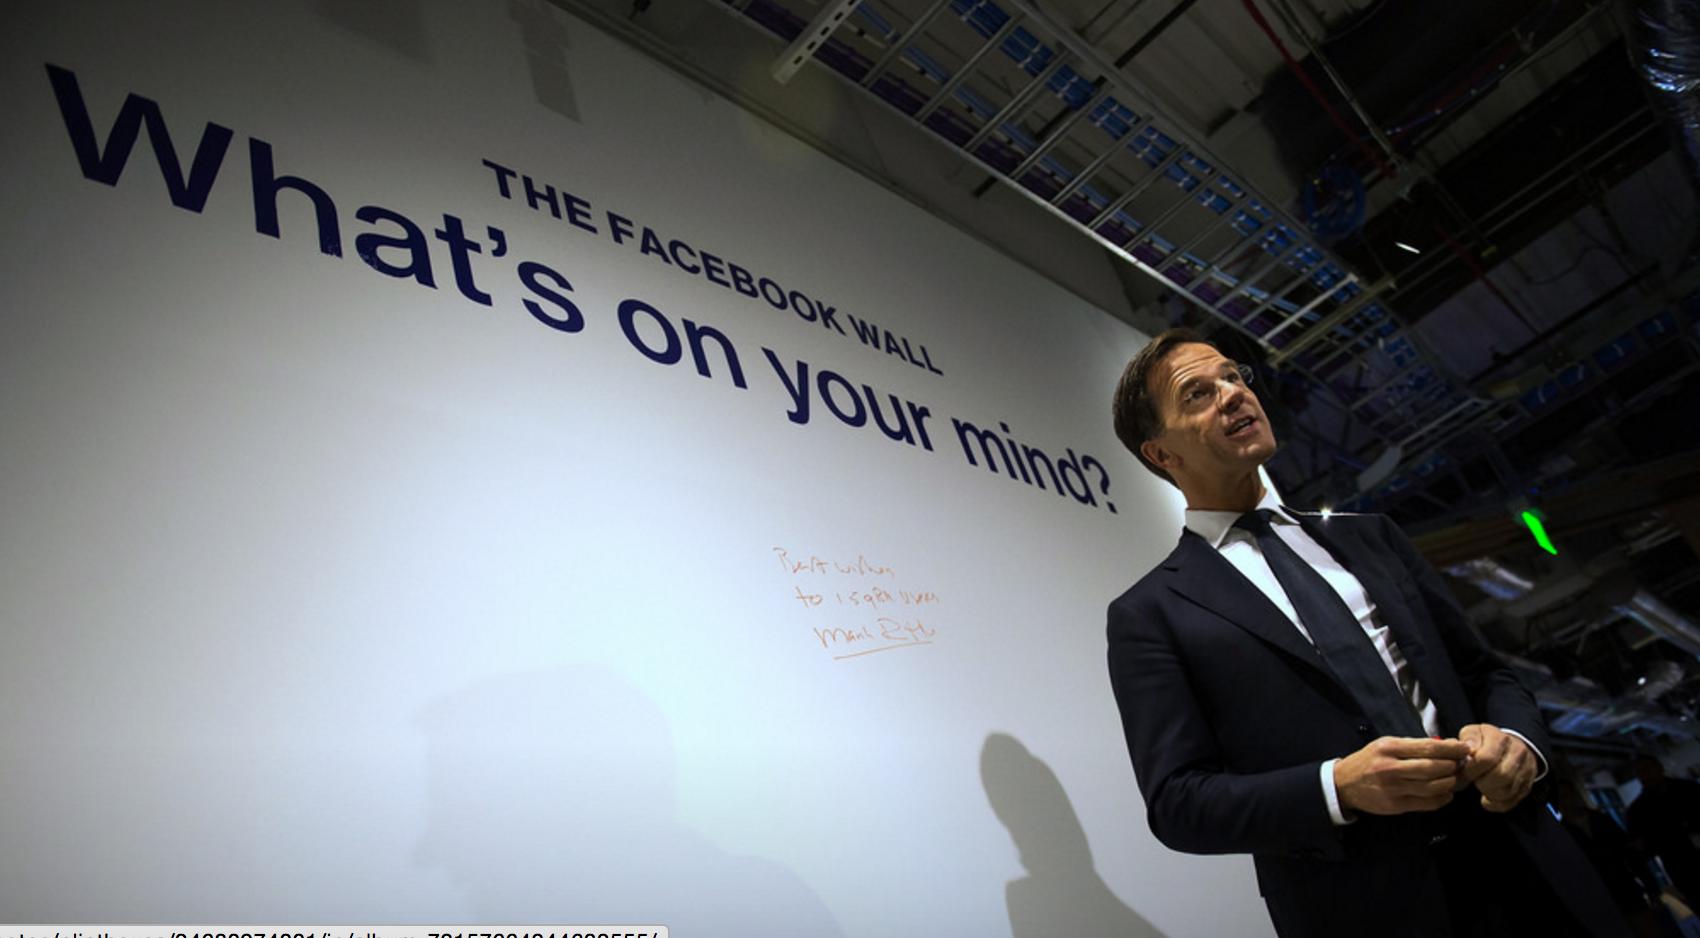 Mark Rutte, Nederländernas premiärminister, som tagit över EU:s roterande ordförandeskap har skrev på Facebooks vägg och grattade till 1,5 miljarder användare.